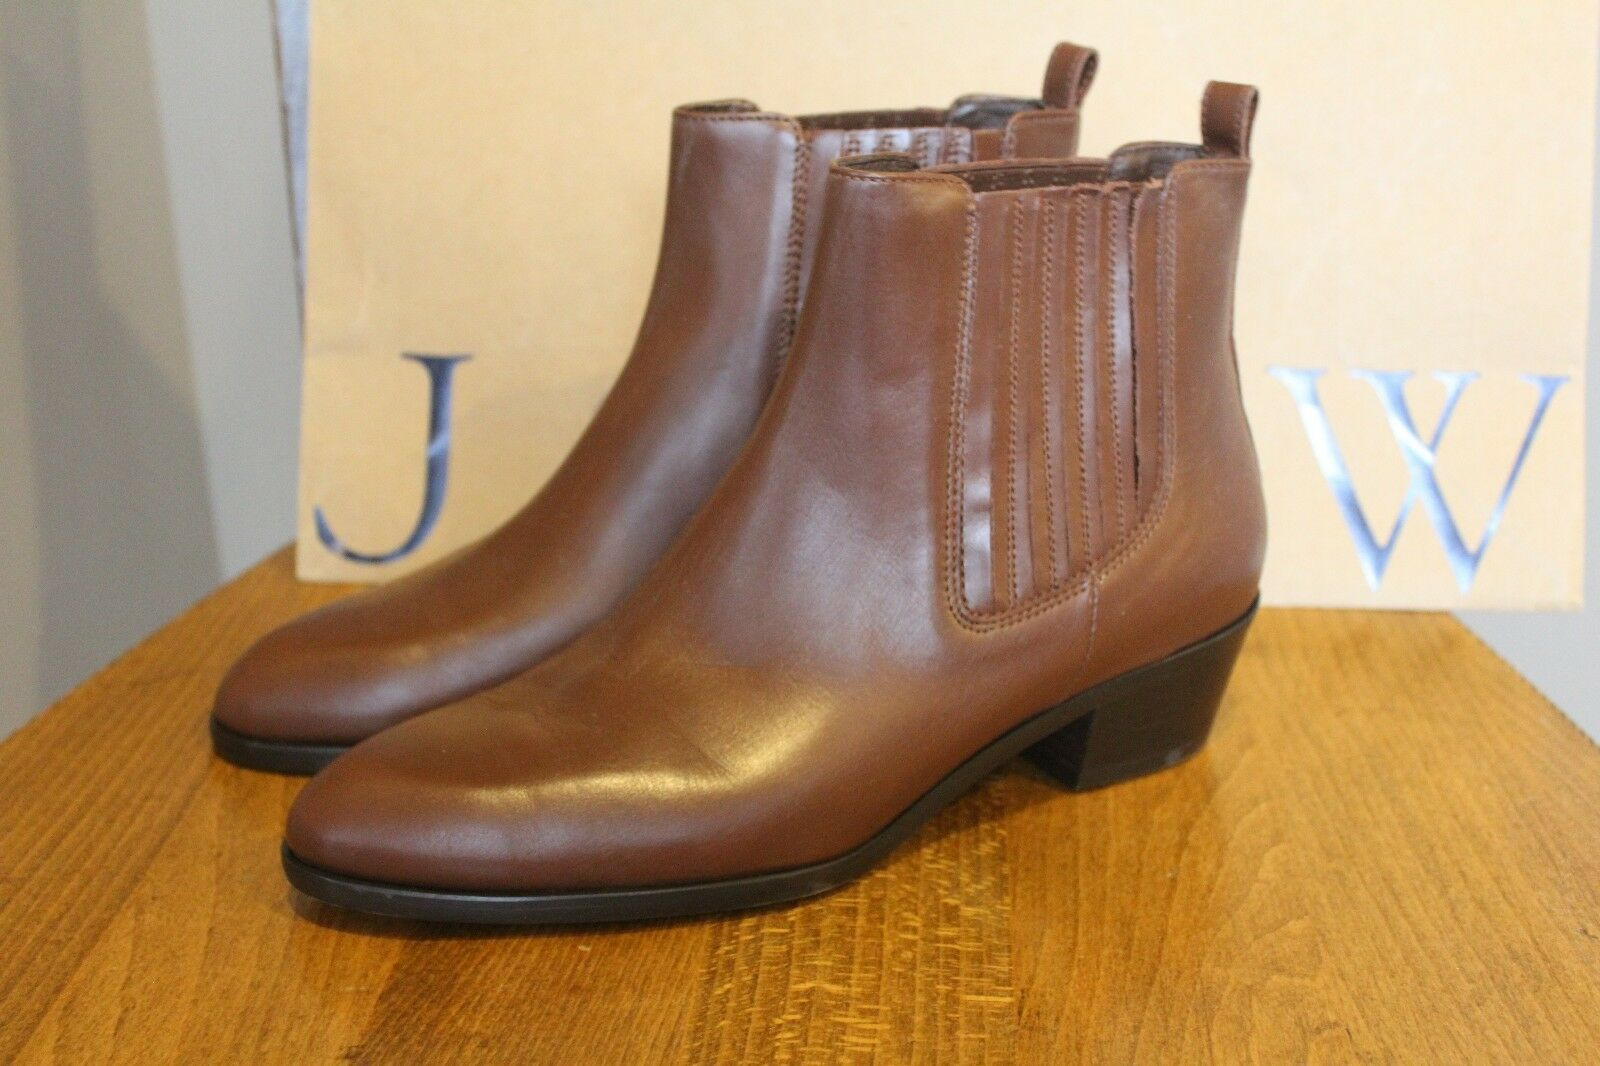 New New New J Crew Chelsea Stiefel Sz 6 Retail 248 Classic Braun 03002 f5ab6f